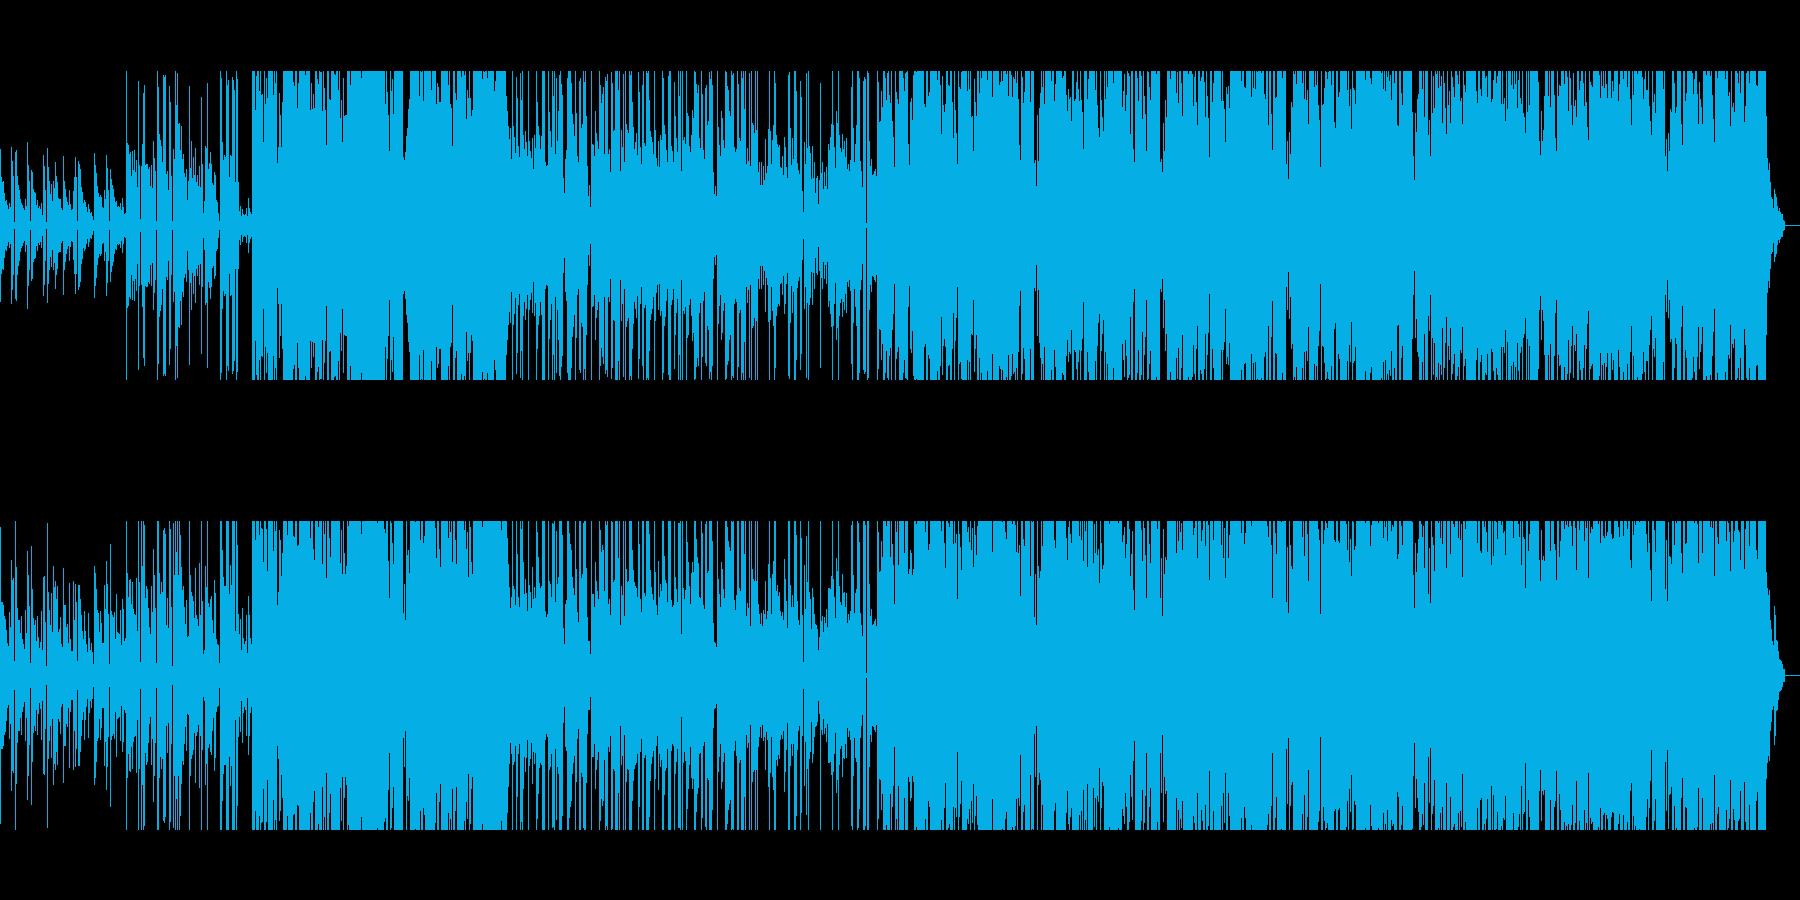 【短いVer1】80年代風洋楽バラードの再生済みの波形